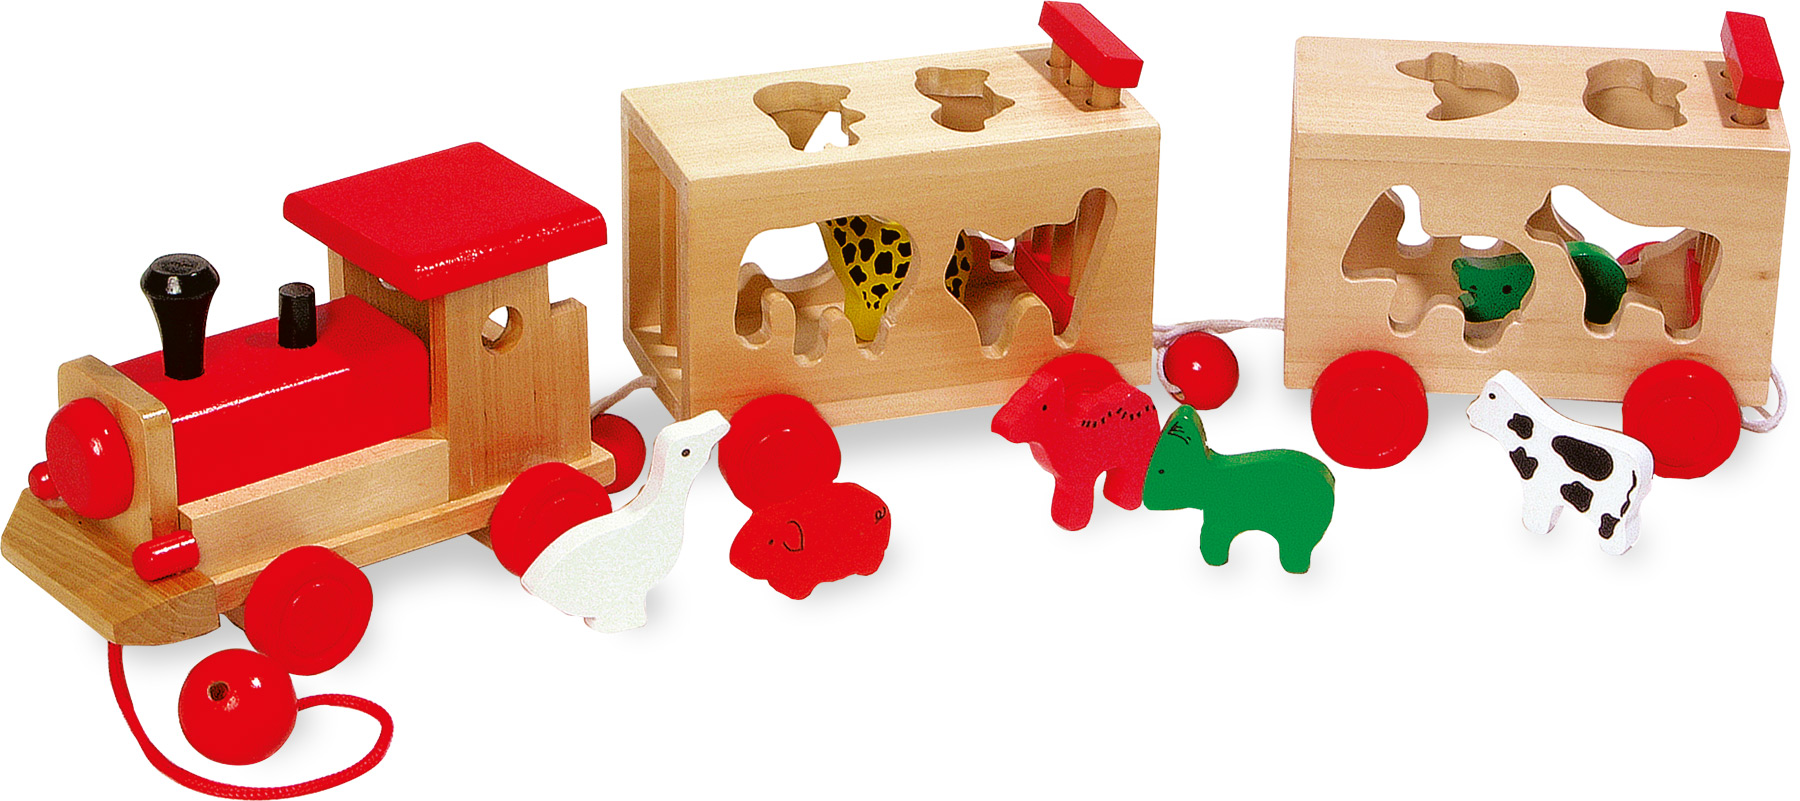 Train en bois avec animaux à encastrer